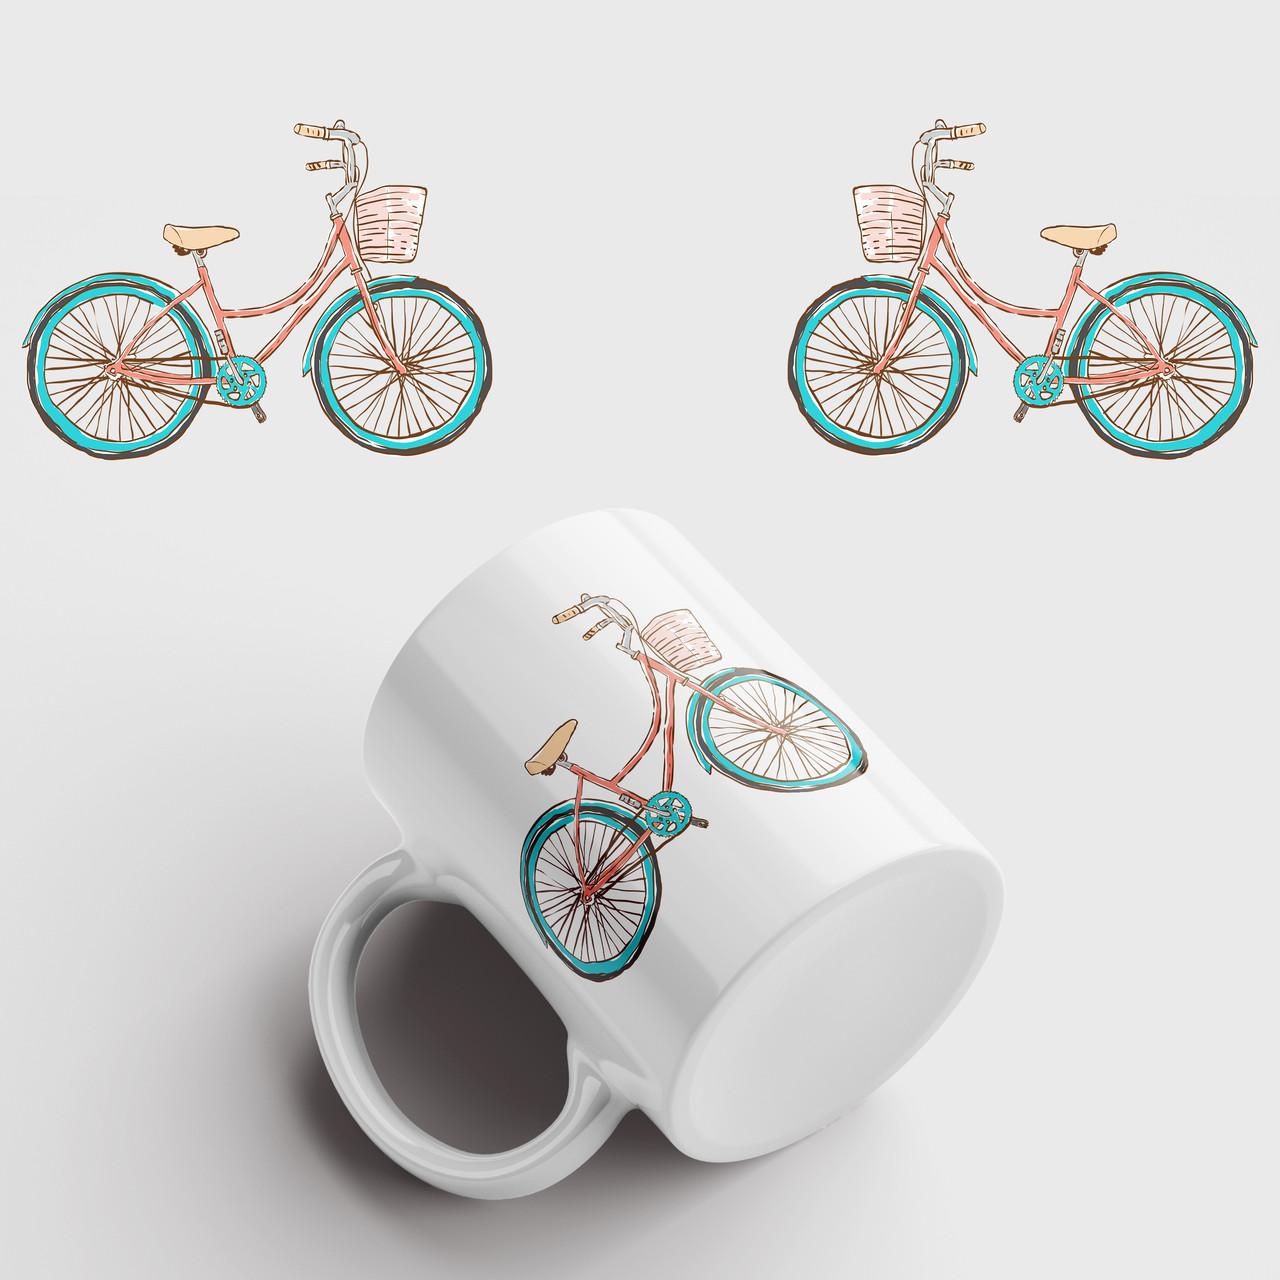 Кружка с принтом Велосипед арт 3. Чашка с фото